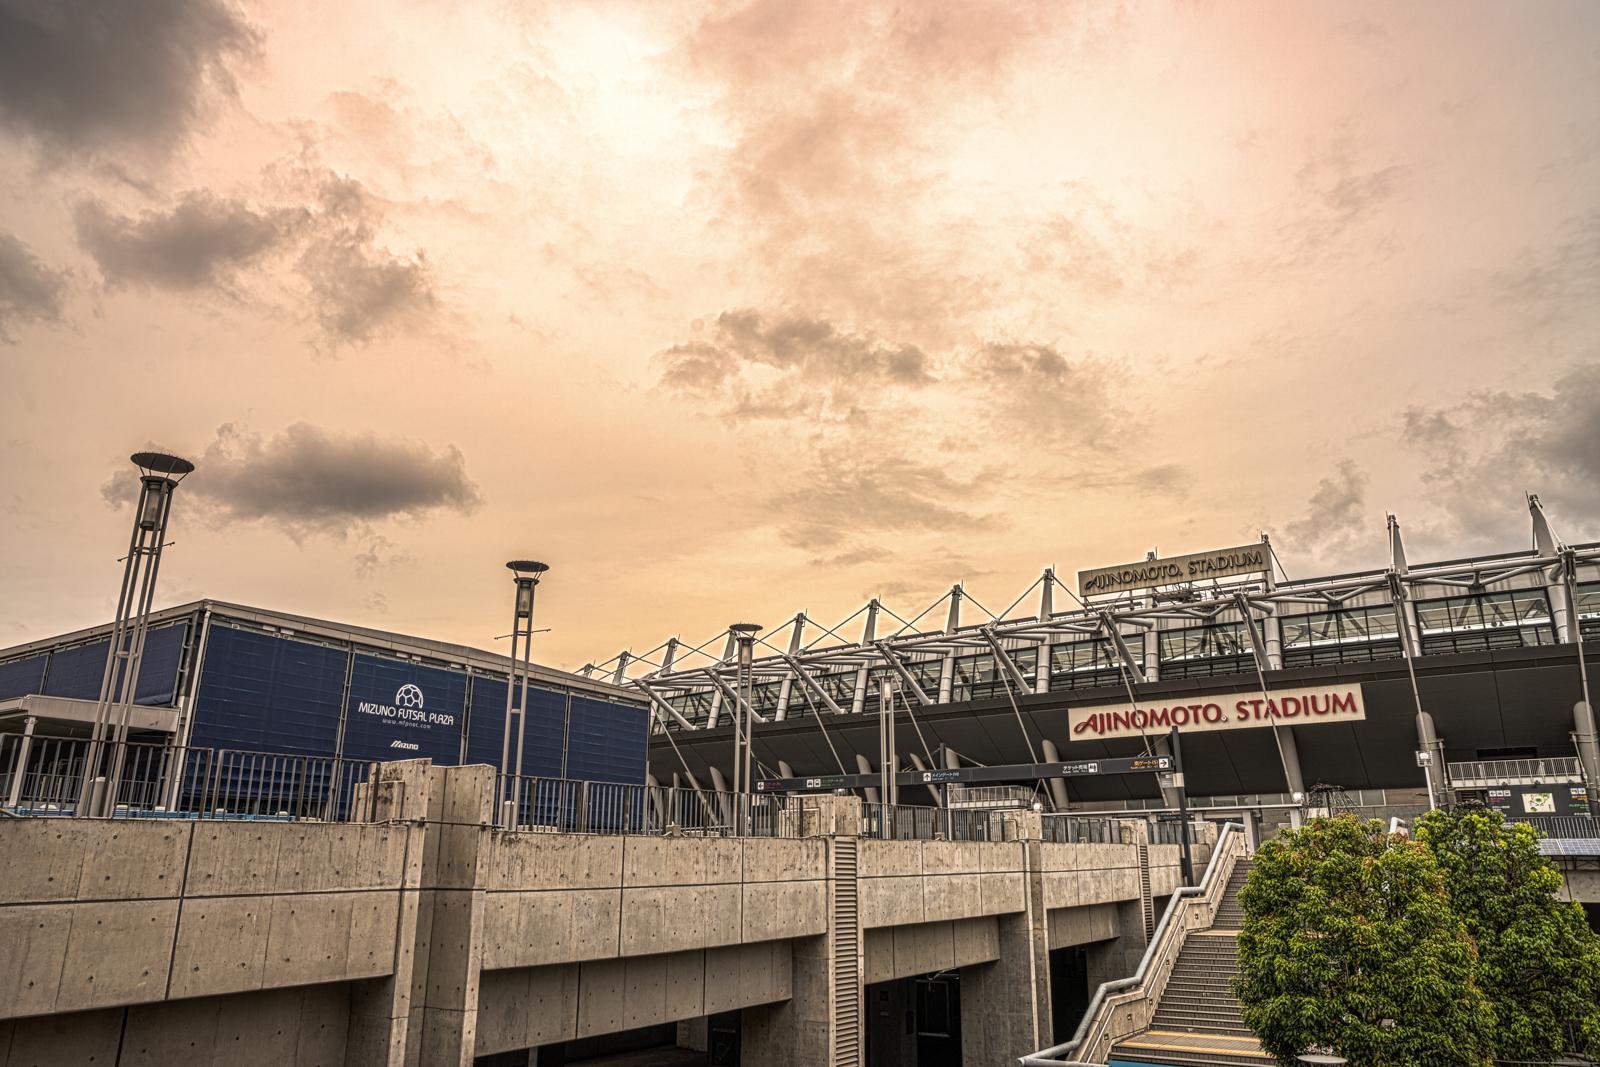 味の素スタジアムのHDR写真